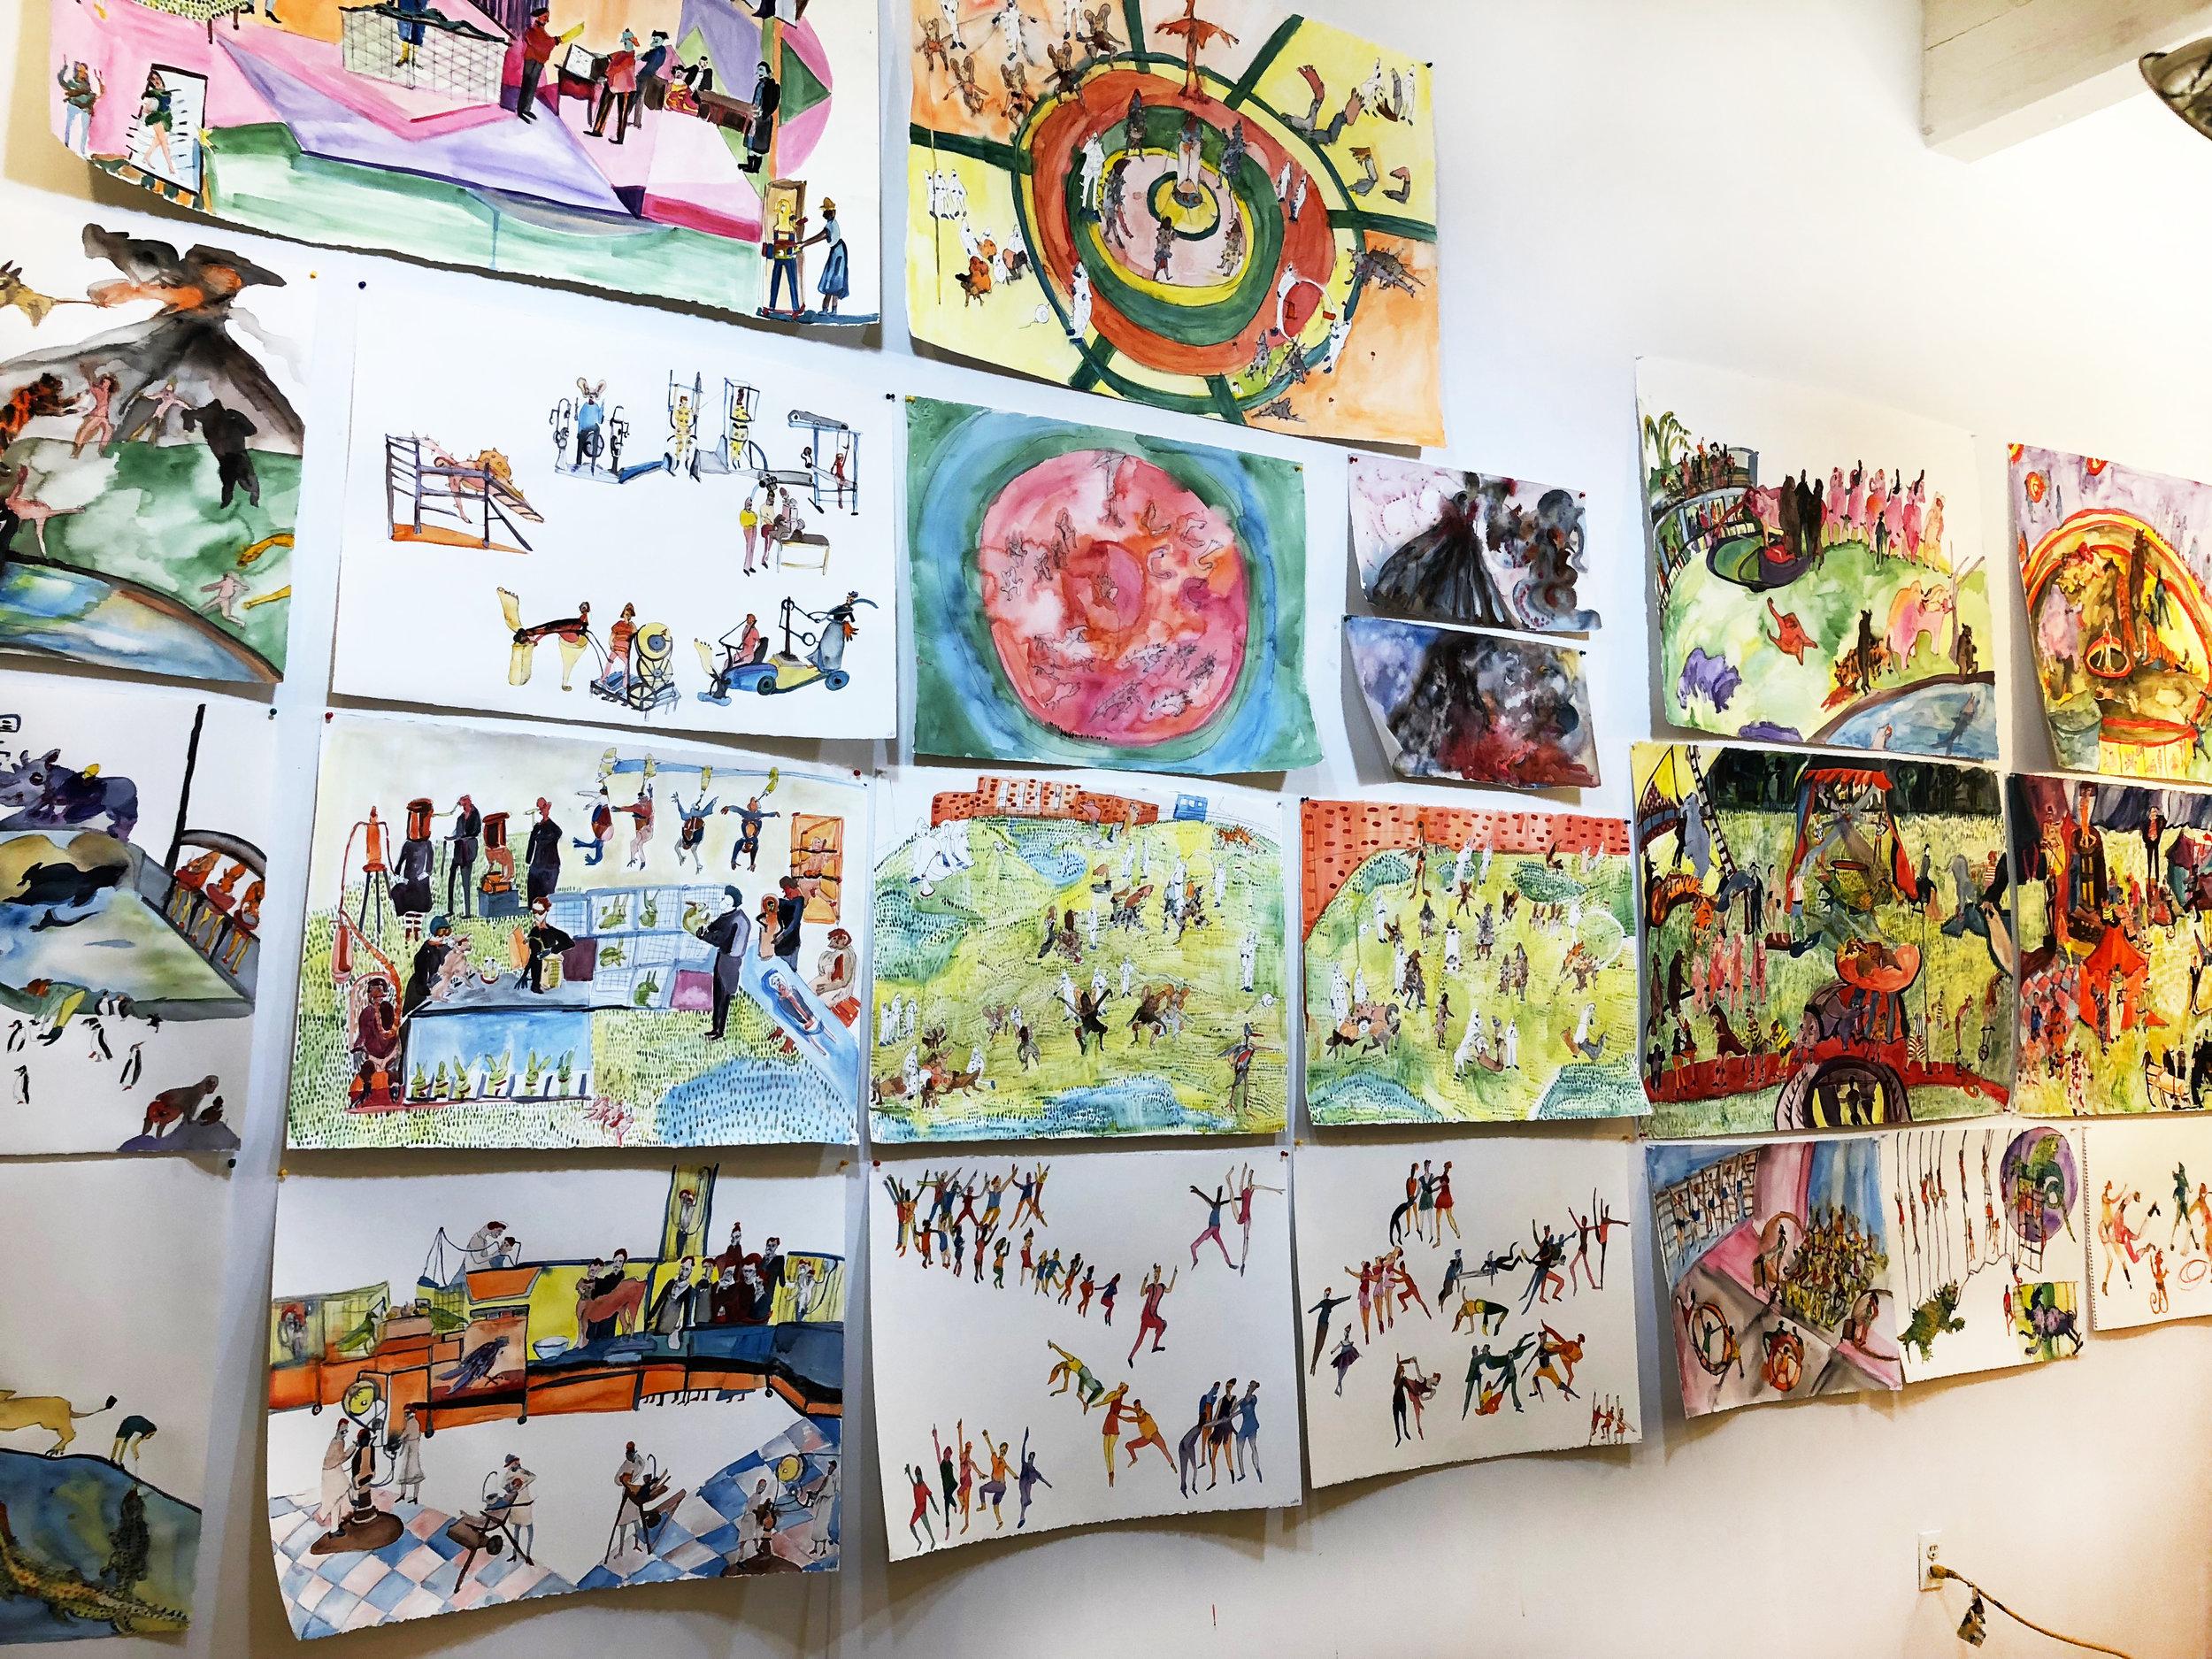 Bernstein's Wall-o-Watercolors in her studio